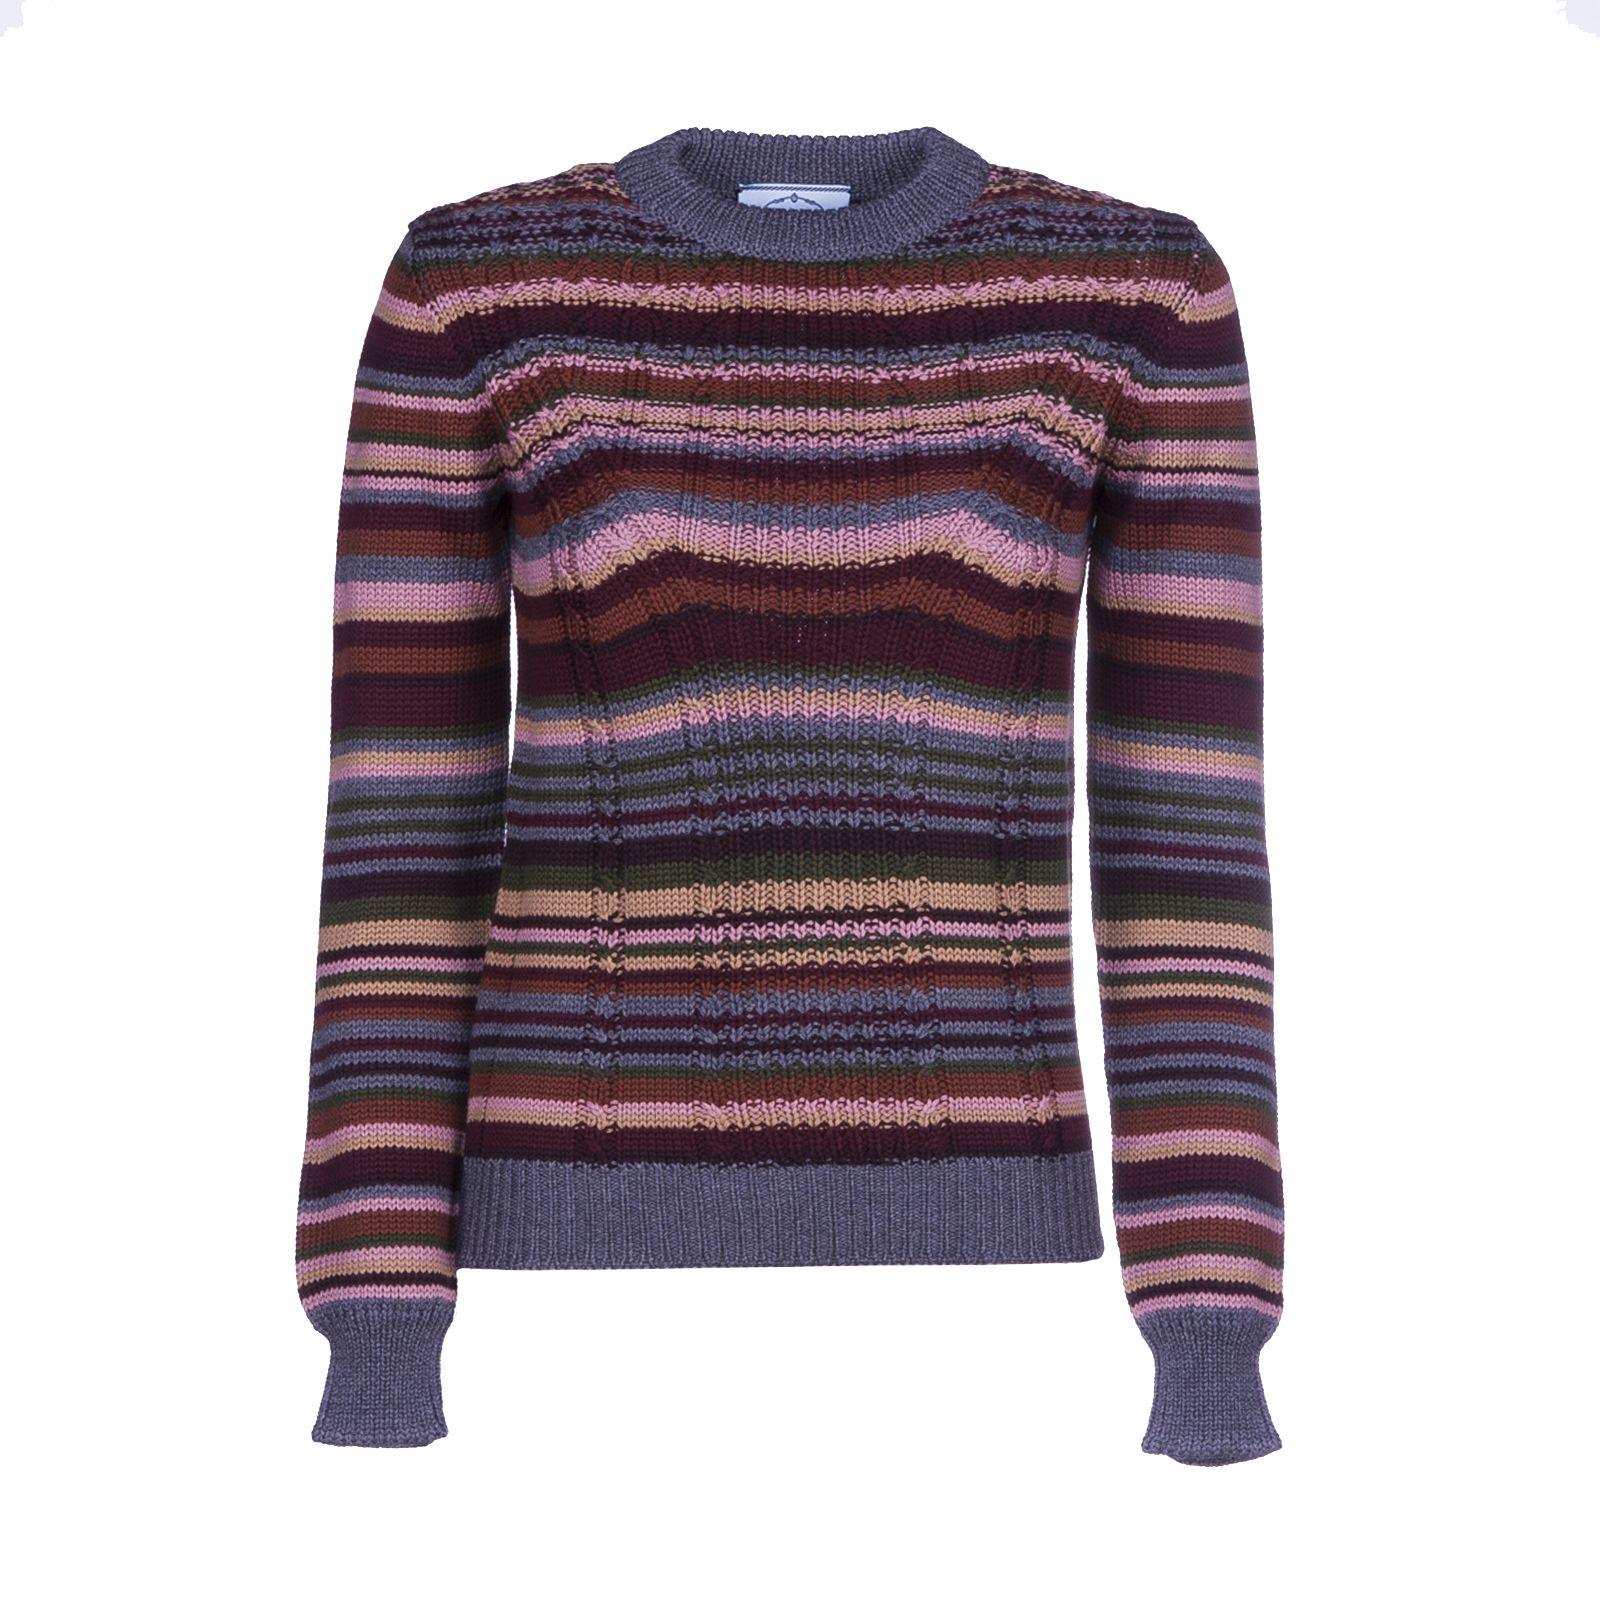 Prada Striped Knit Jumper